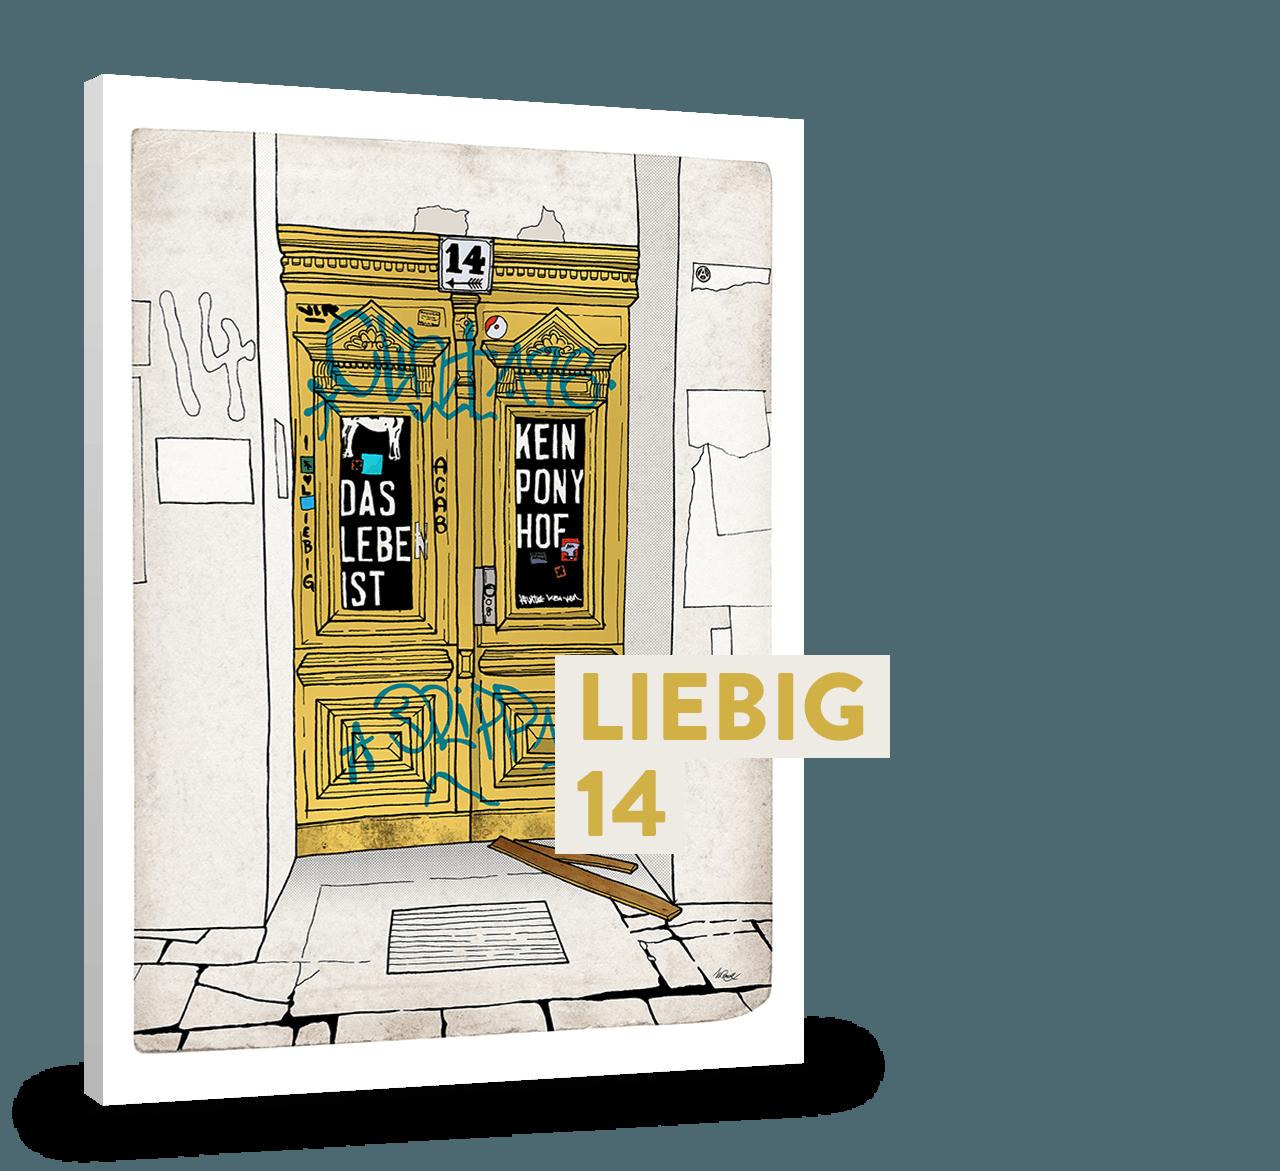 LIEBIG 14